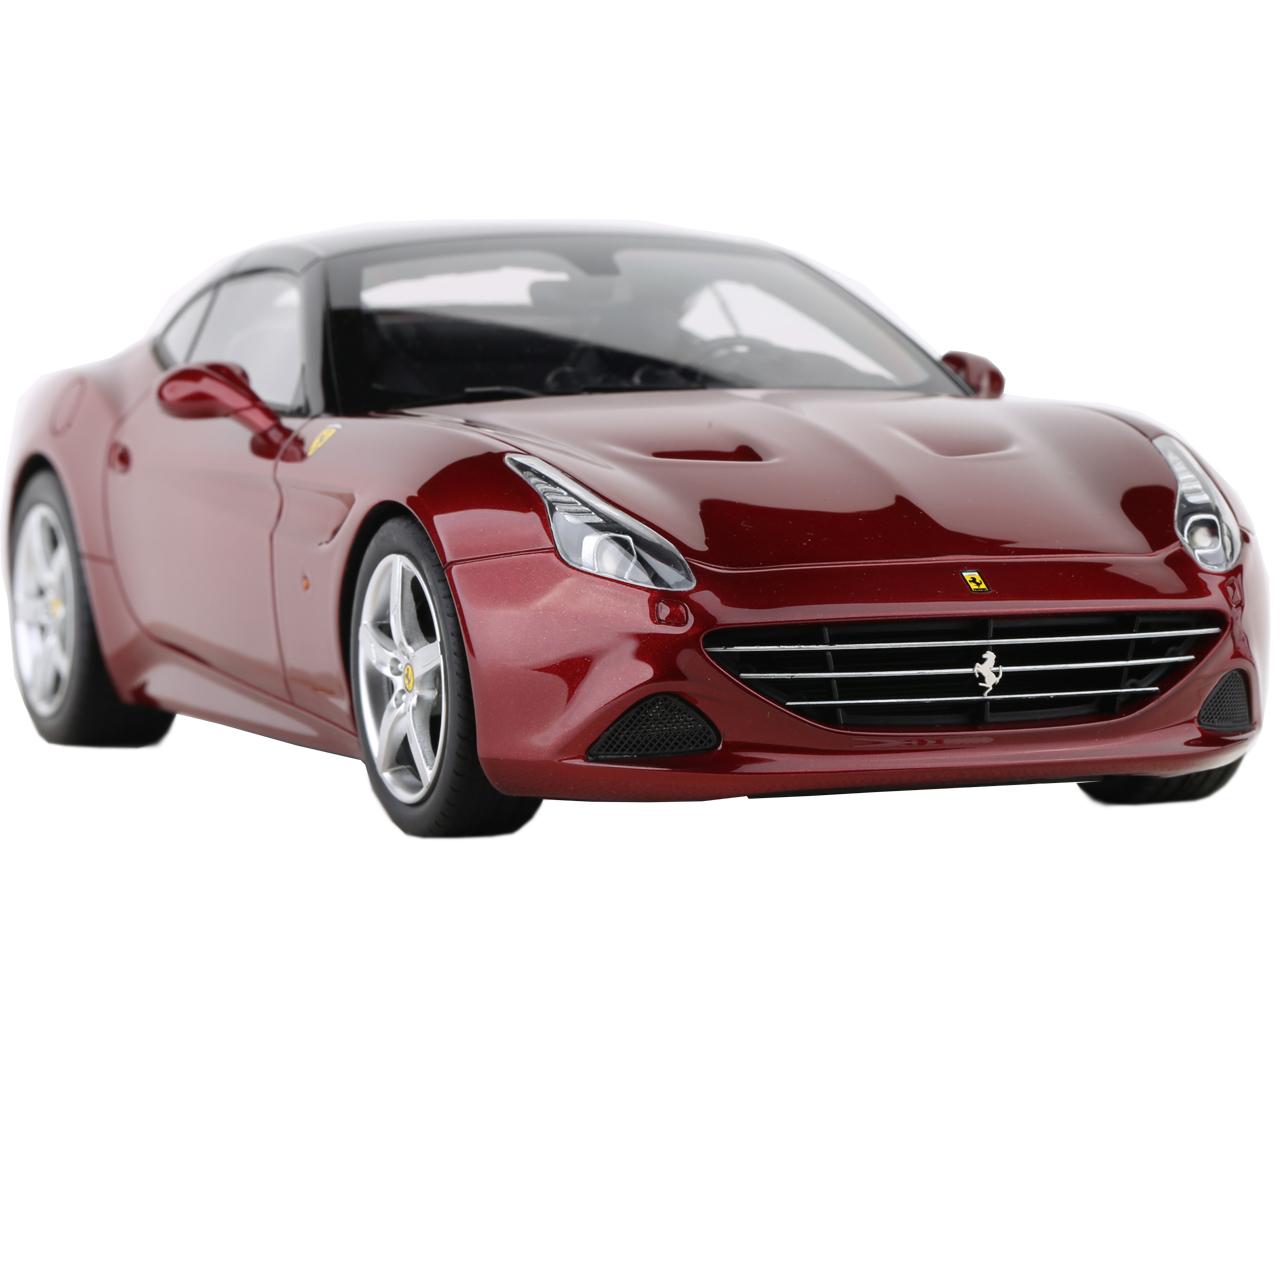 ماکت ماشین مستر کالکشن مدل Ferrari California T